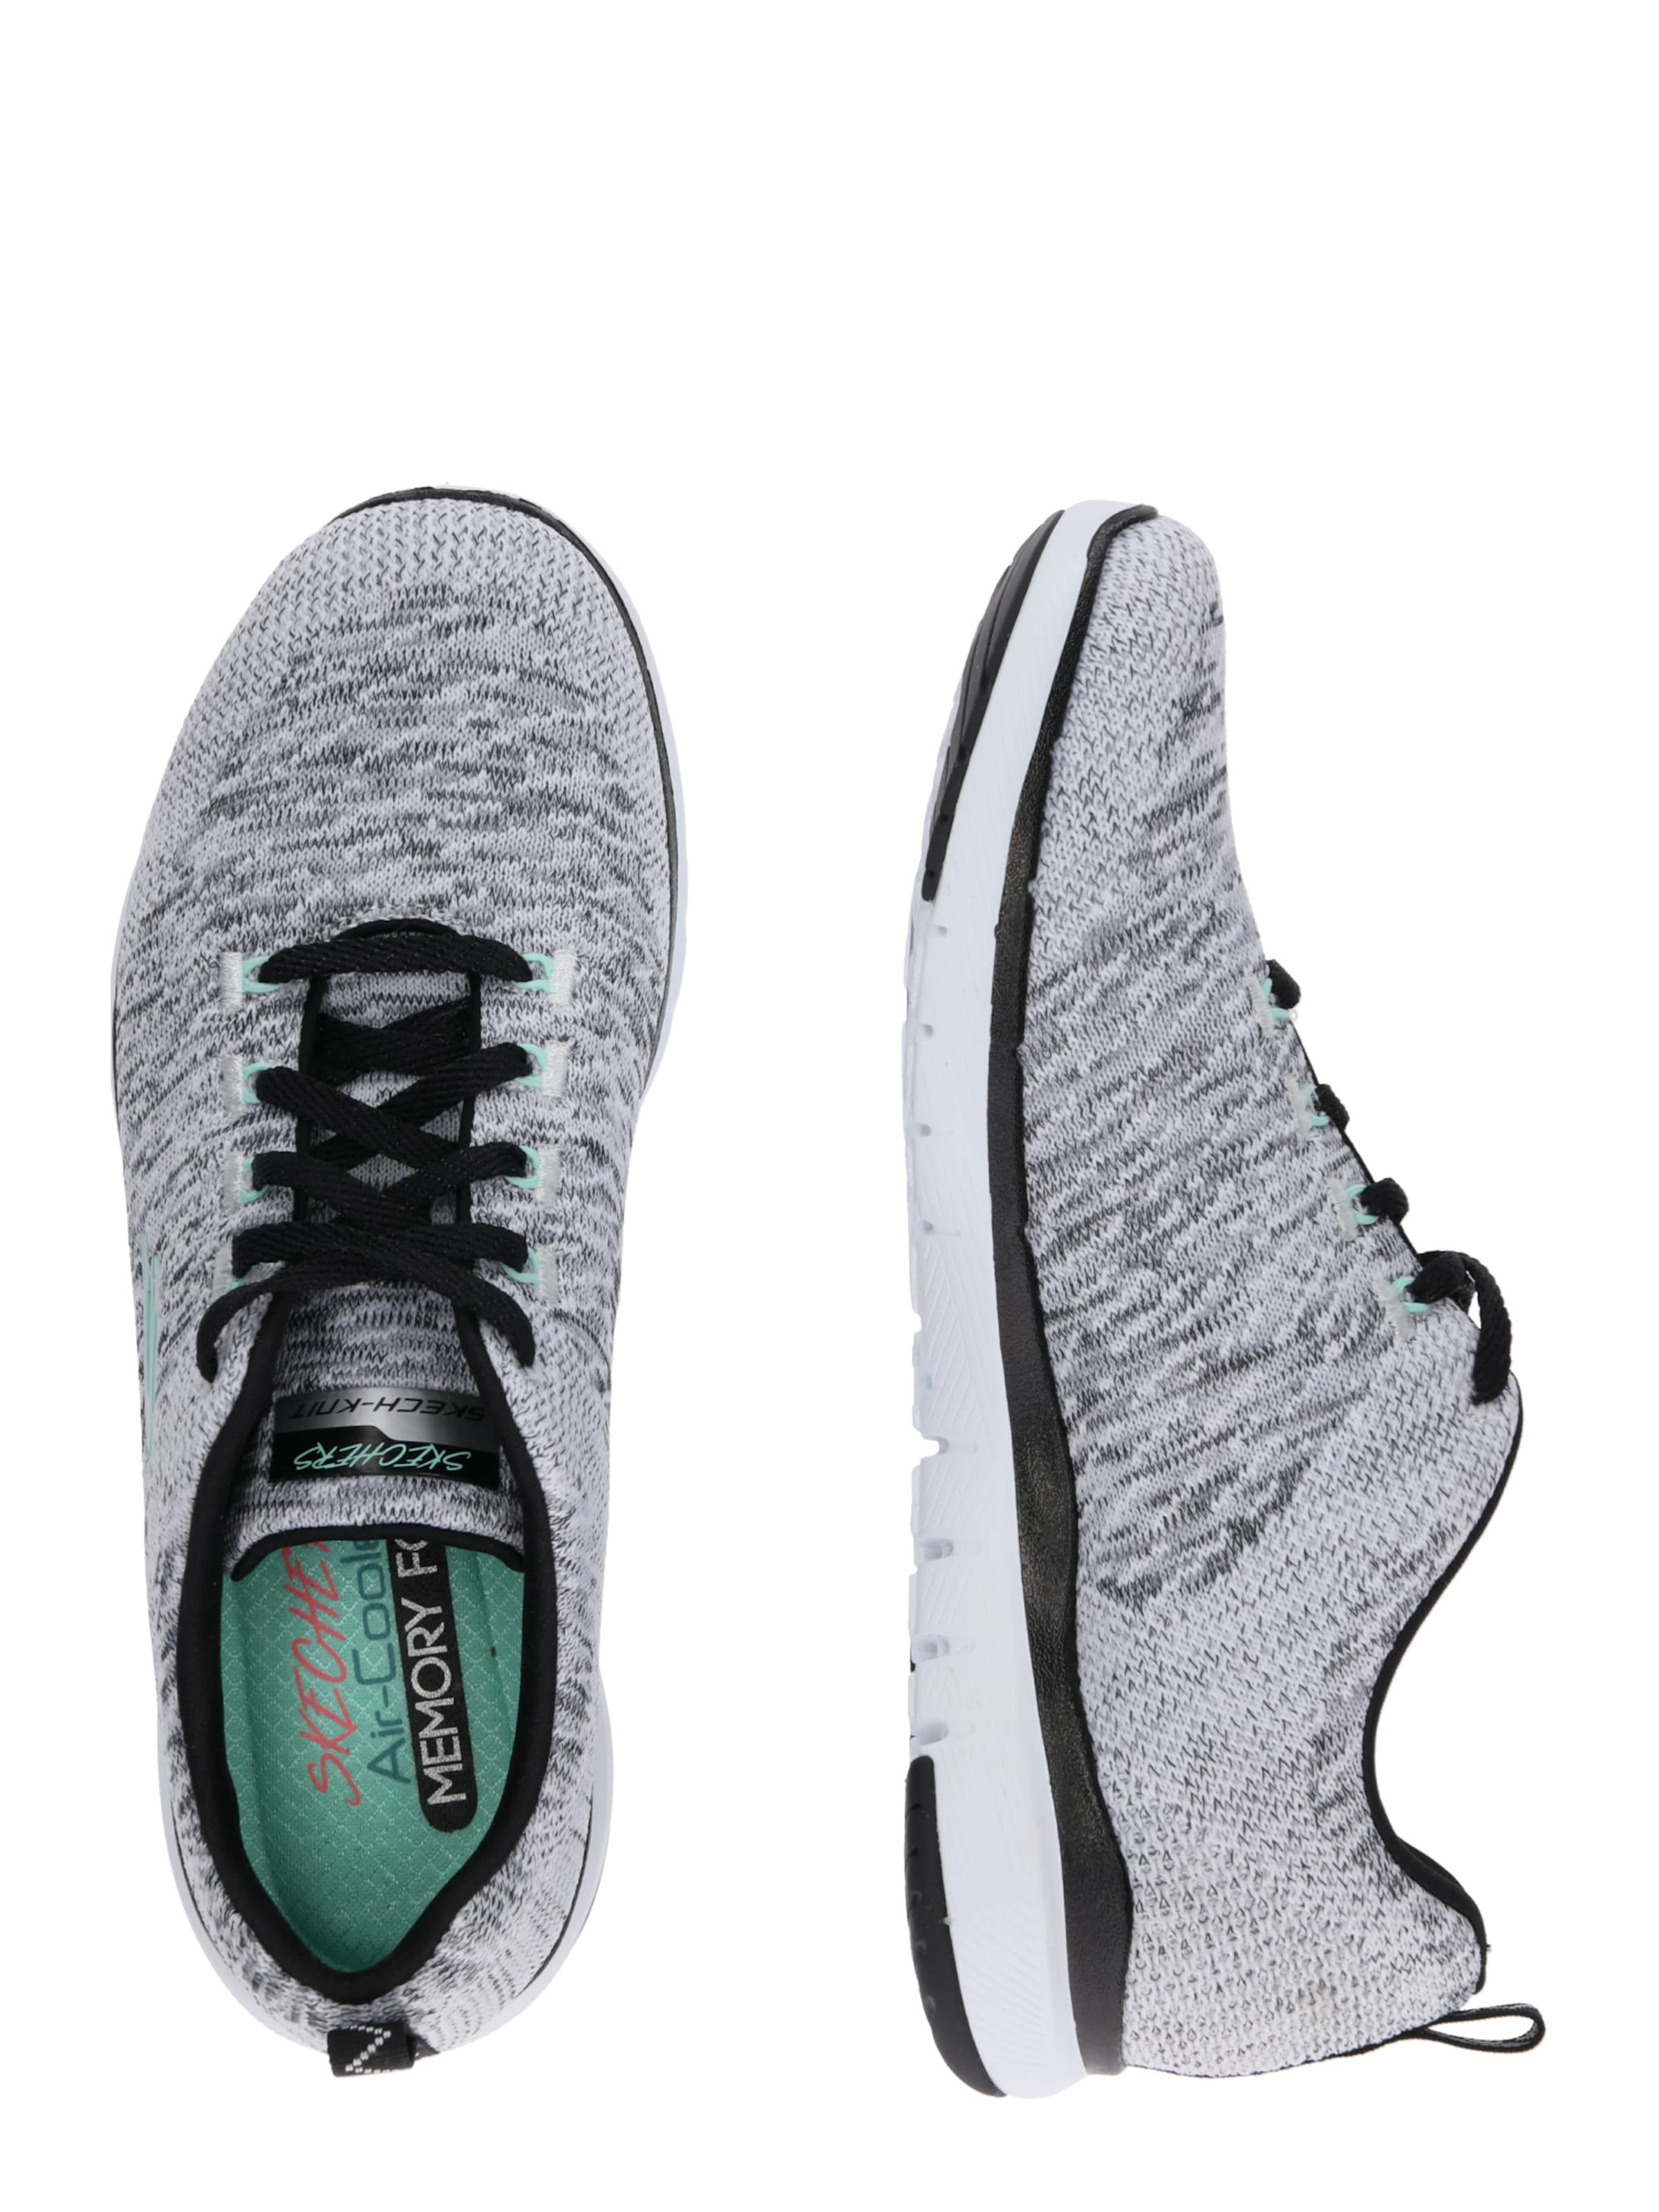 0' Sneaker Appeal 'flex In 3 SchwarzWeiß Skechers knO8NwX0P